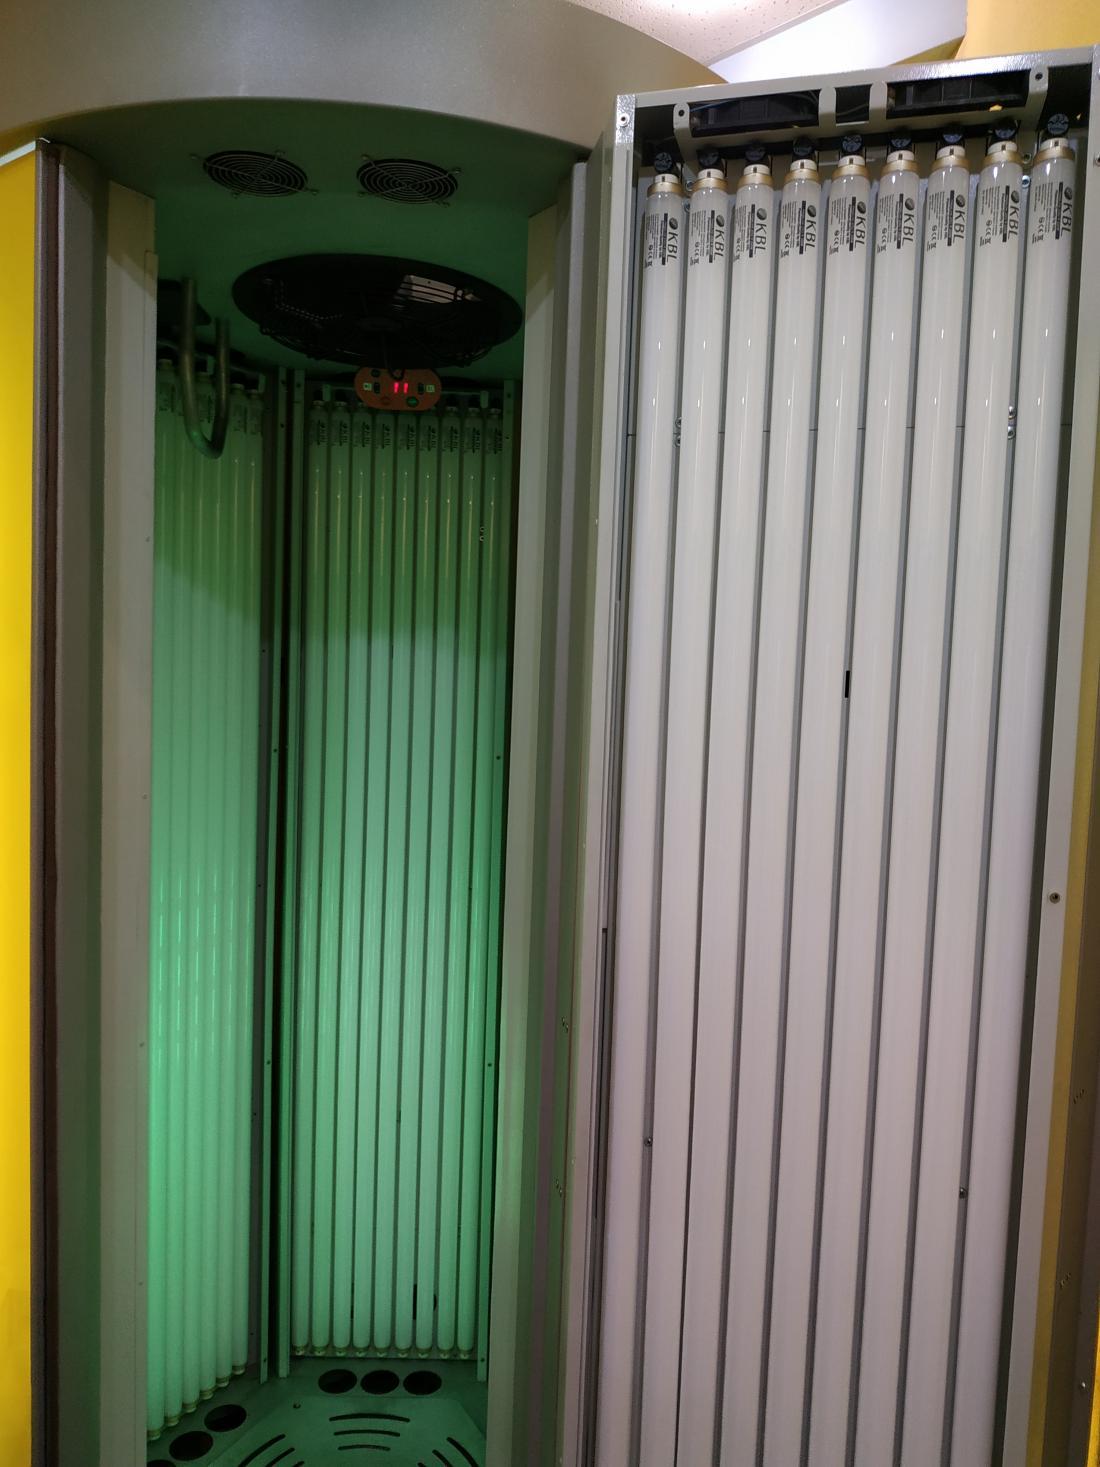 """Вертикальный солярий от 0,30 руб/минута в парикмахерской """"Сан Арт"""""""